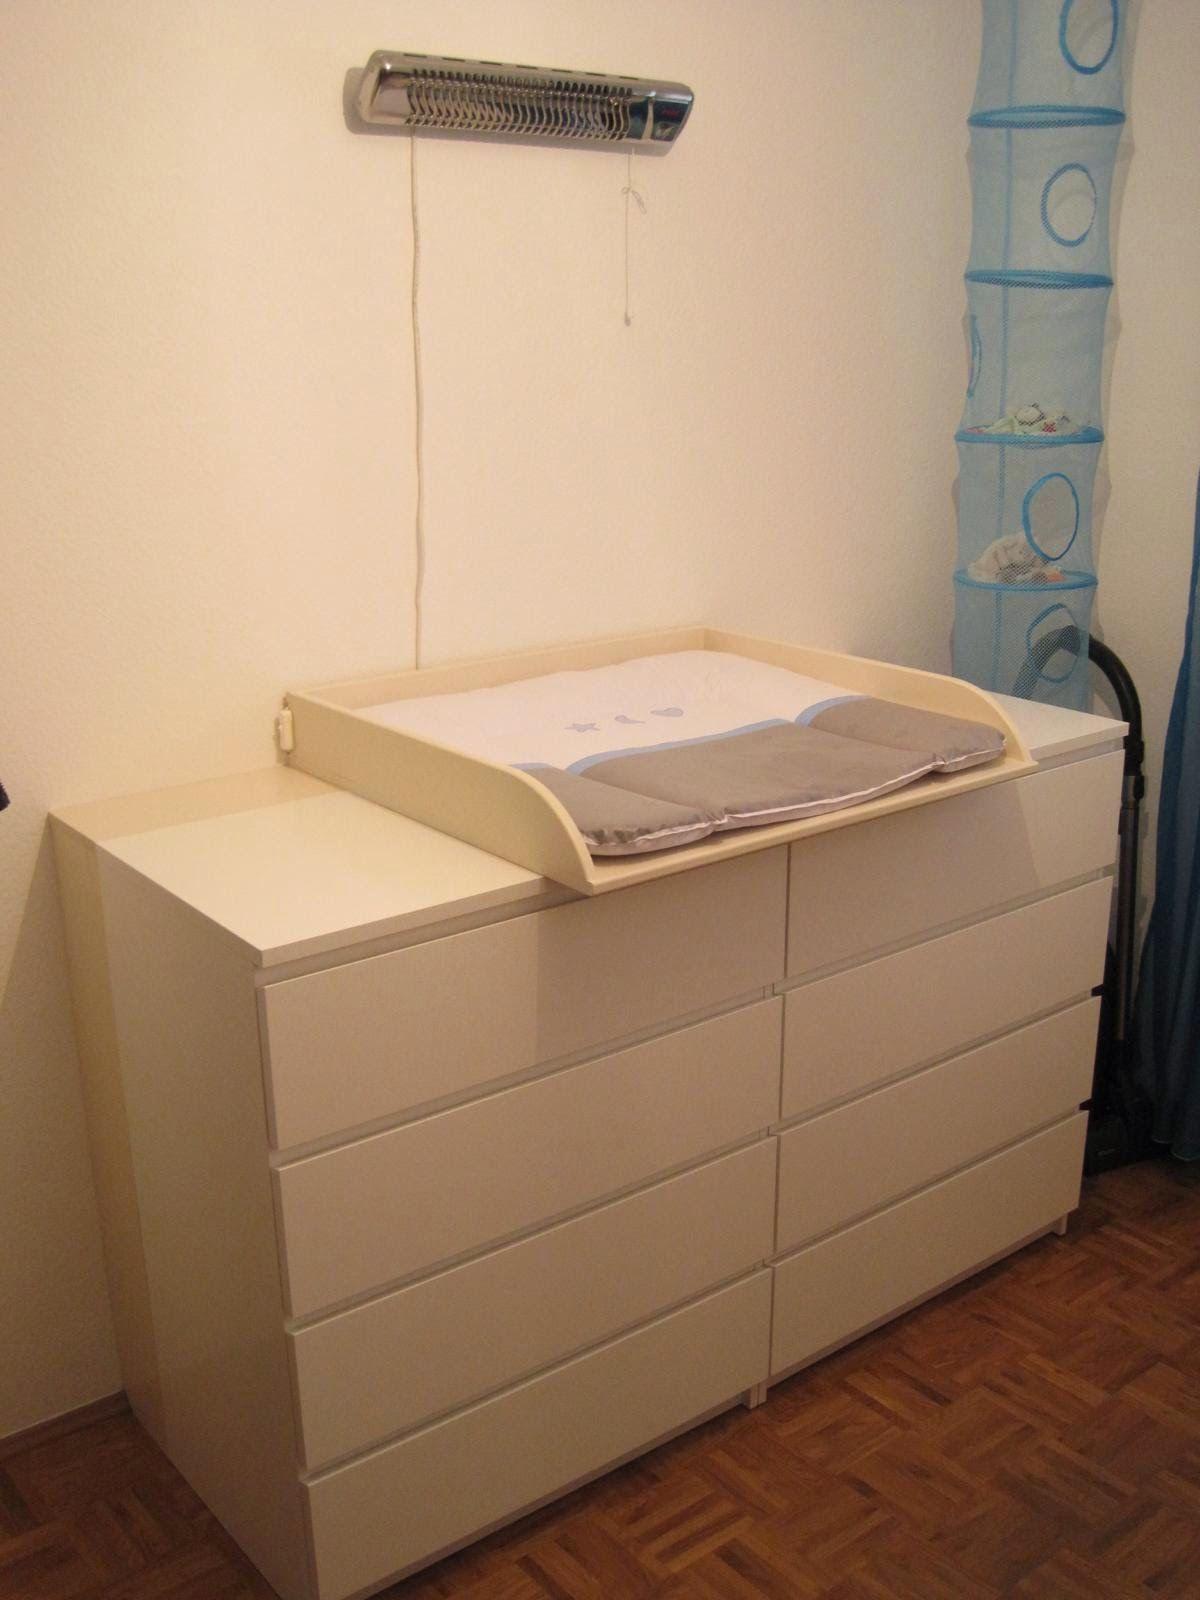 basti s holzpage wickeltisch ideen f r iker 39 s zuhause pinterest wickeltisch kinderzimmer. Black Bedroom Furniture Sets. Home Design Ideas